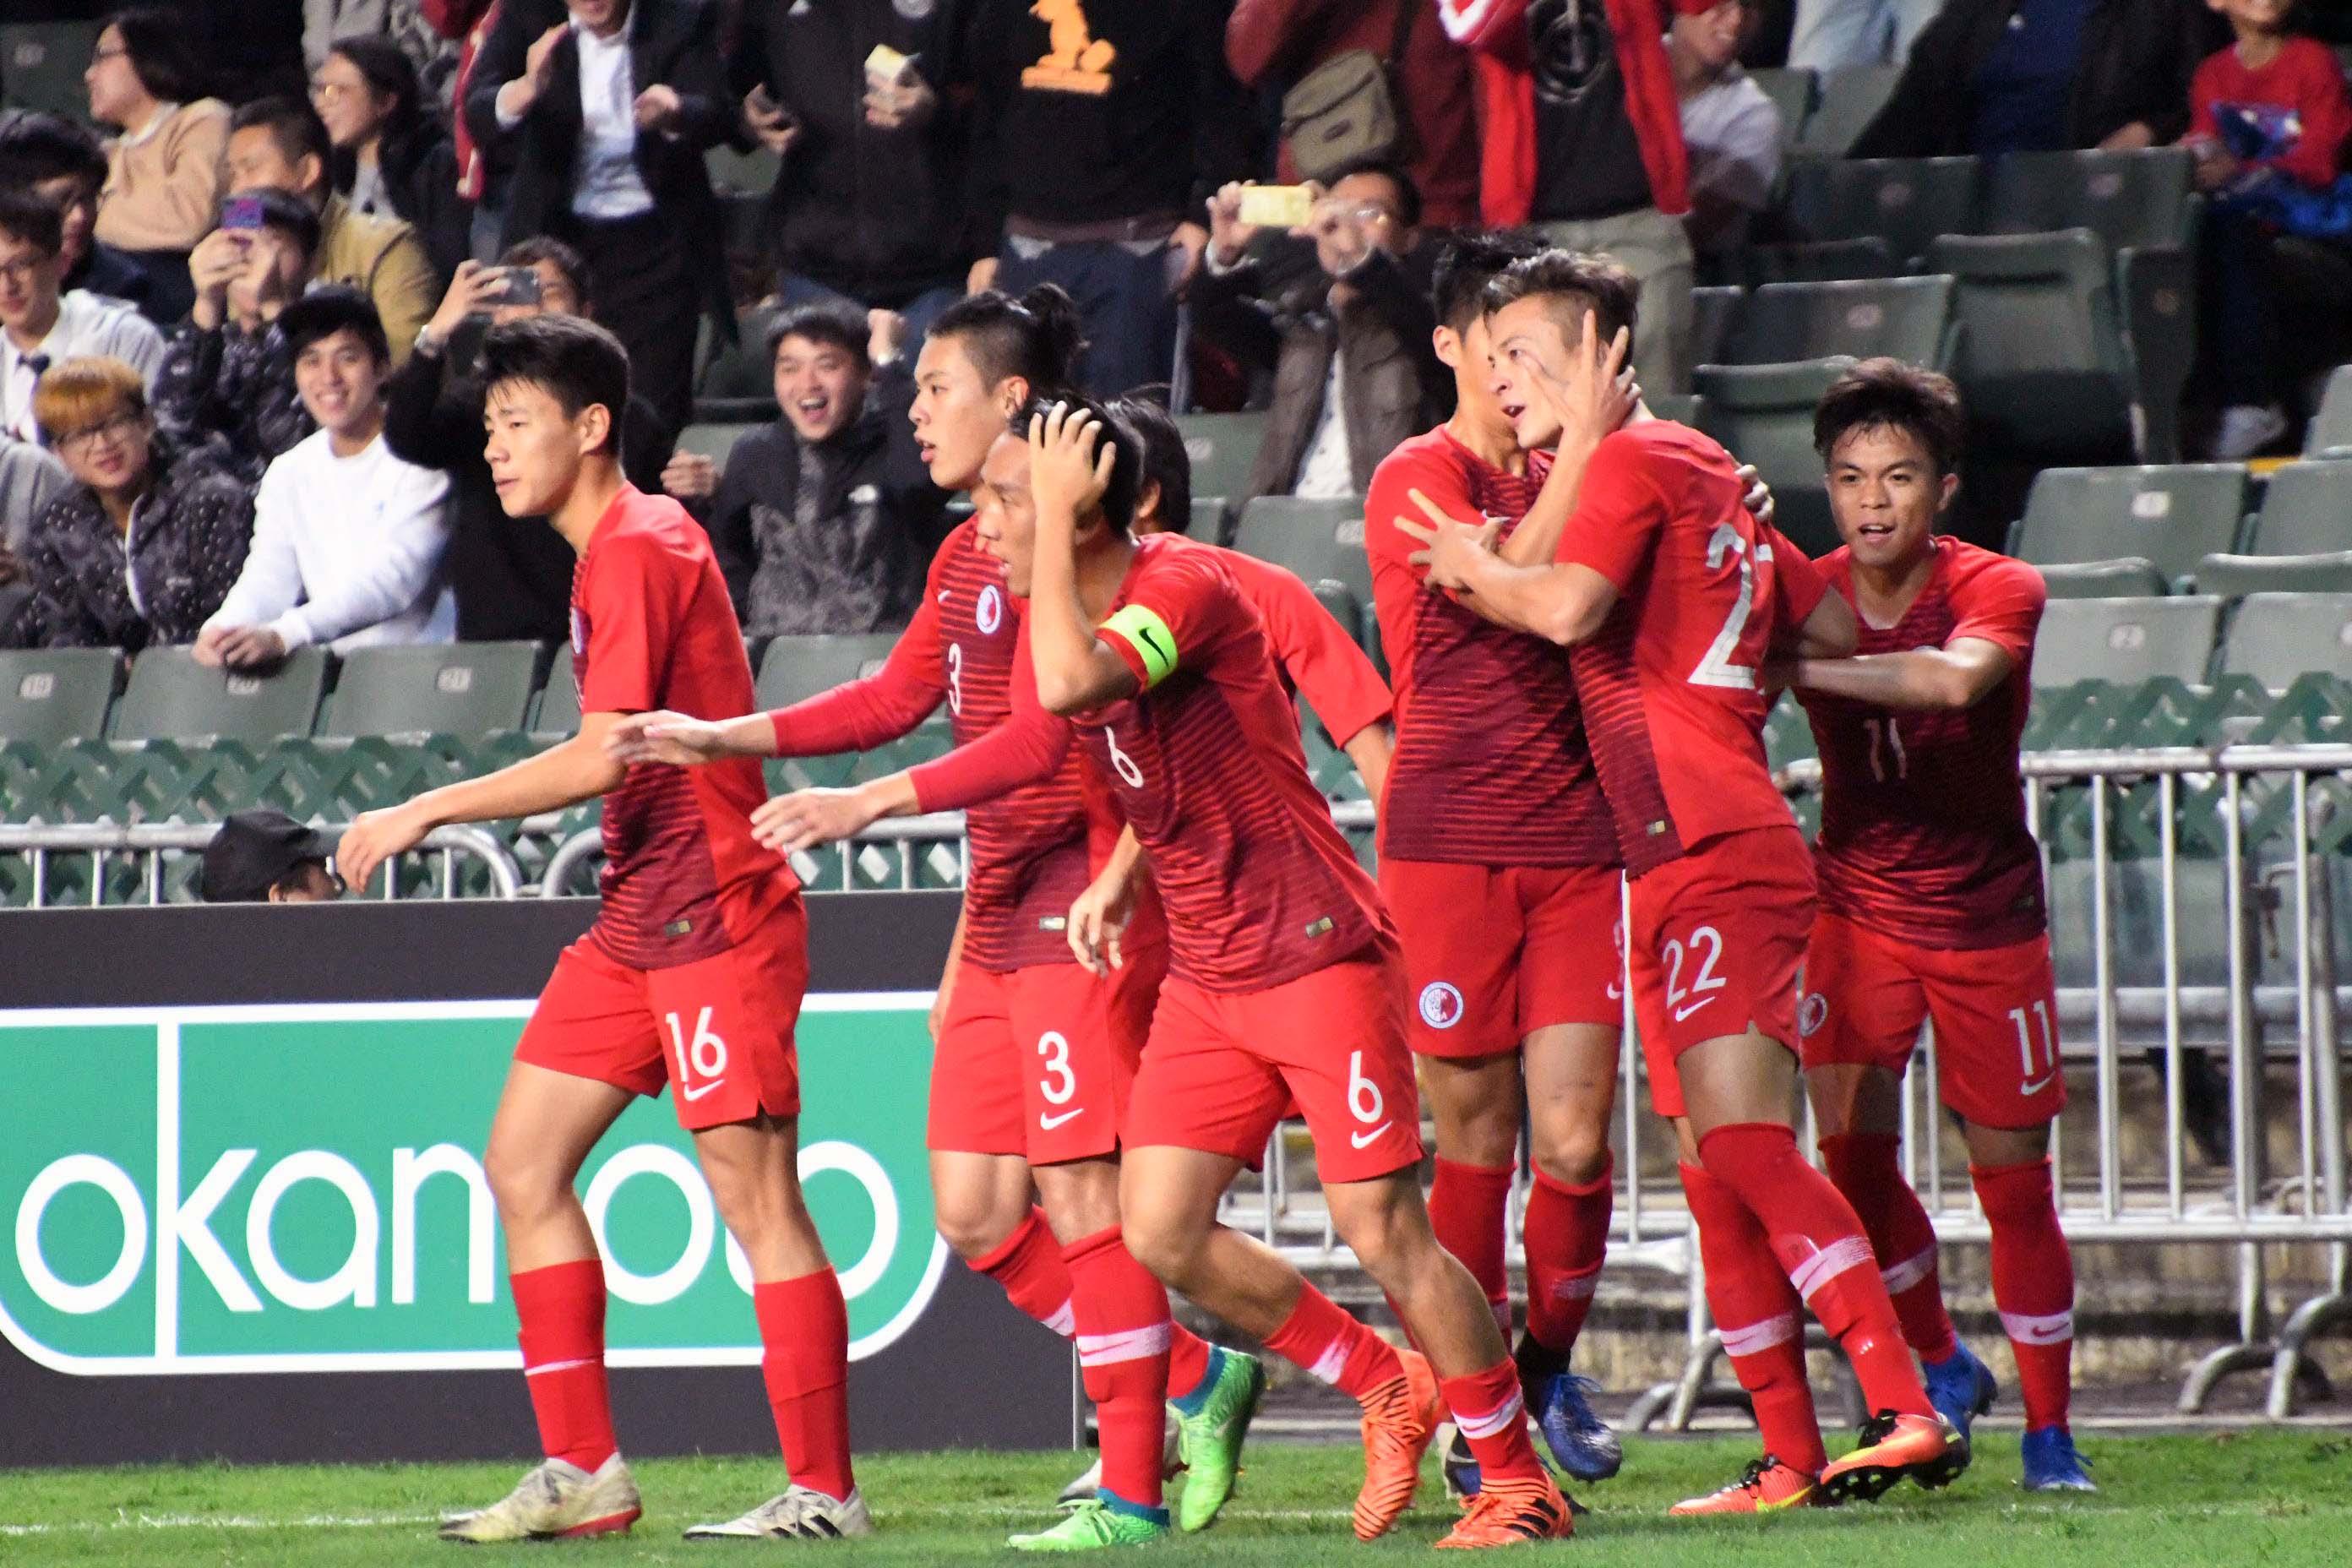 港隊(紅色球衣)4:0大勝廣東,創省港盃歷史最大勝仗。郭晉朗攝